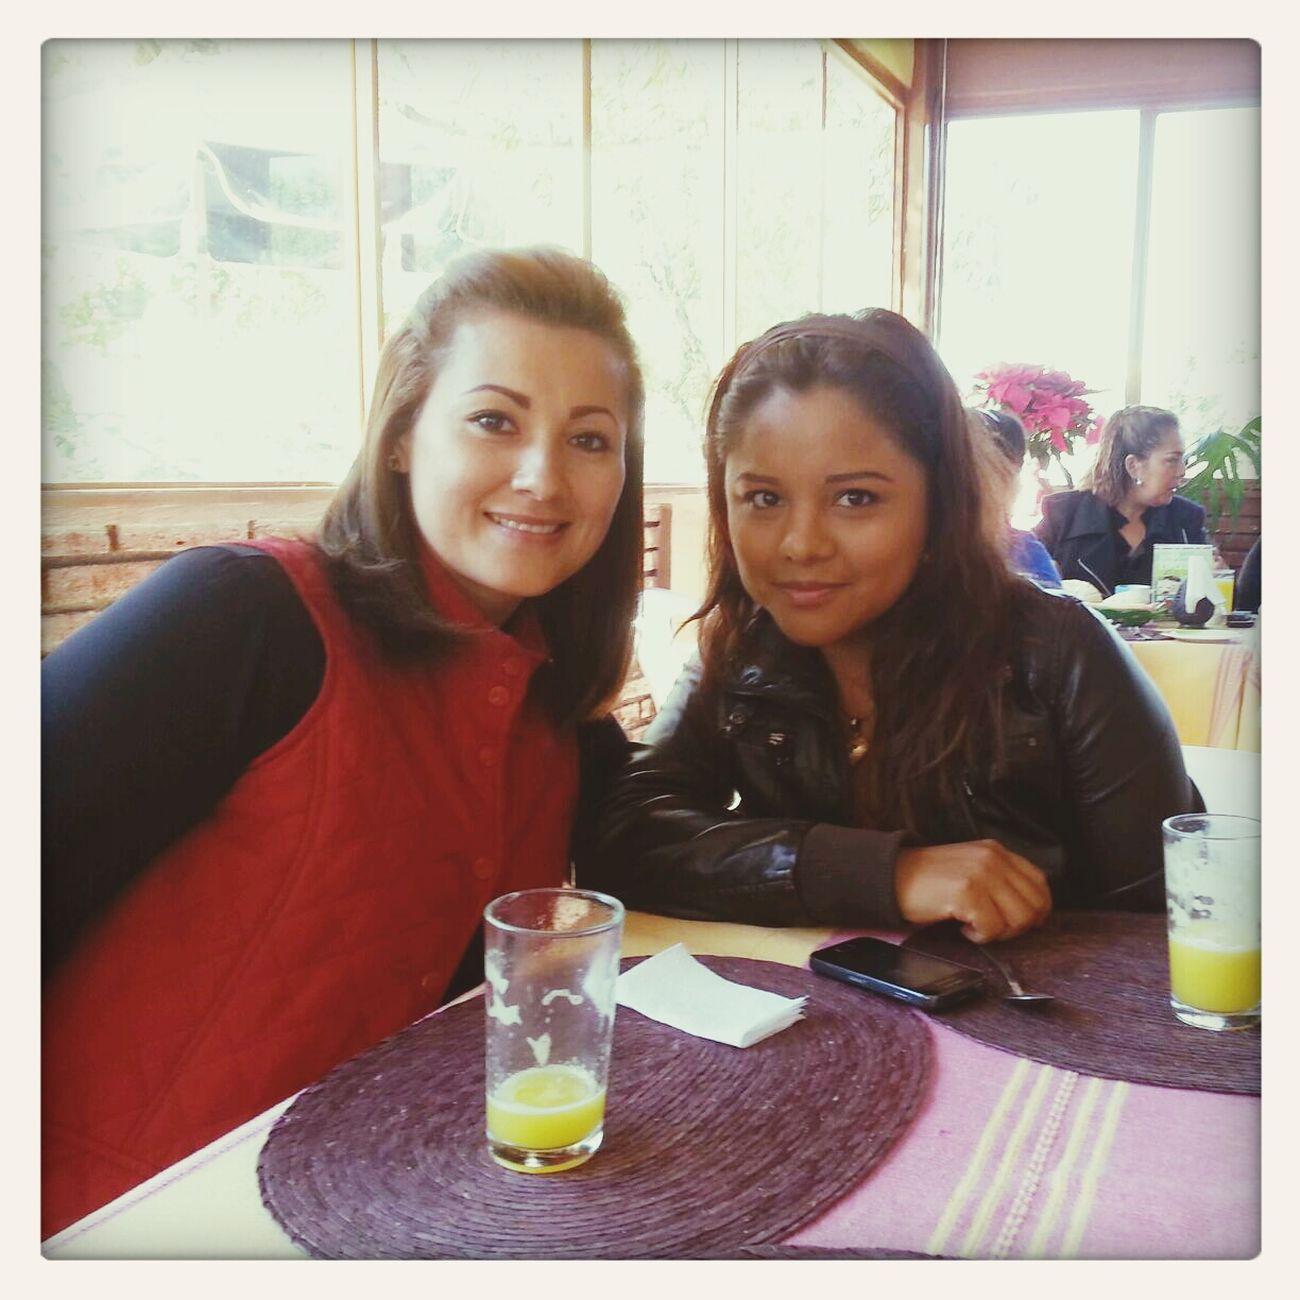 Dos muy buenas amigas desayunando en el mejor lugar, Paraíso!!!